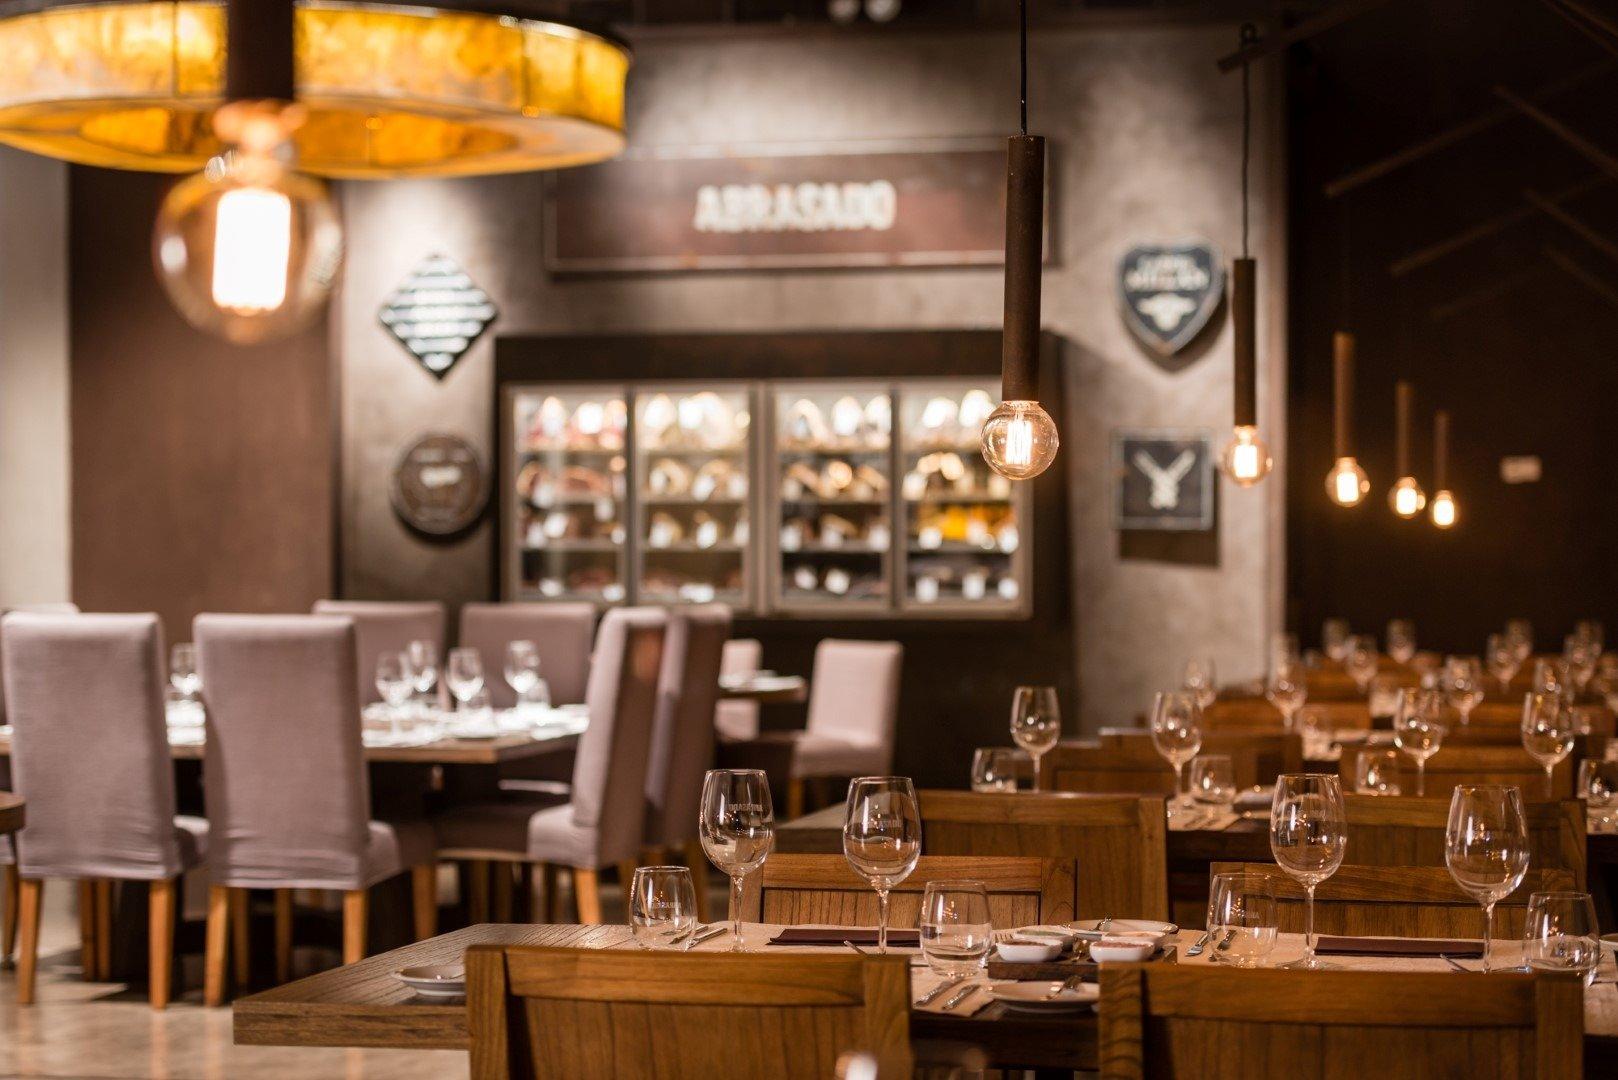 El restaurante Abrasado presenta su propuesta de gastronomía para la primavera